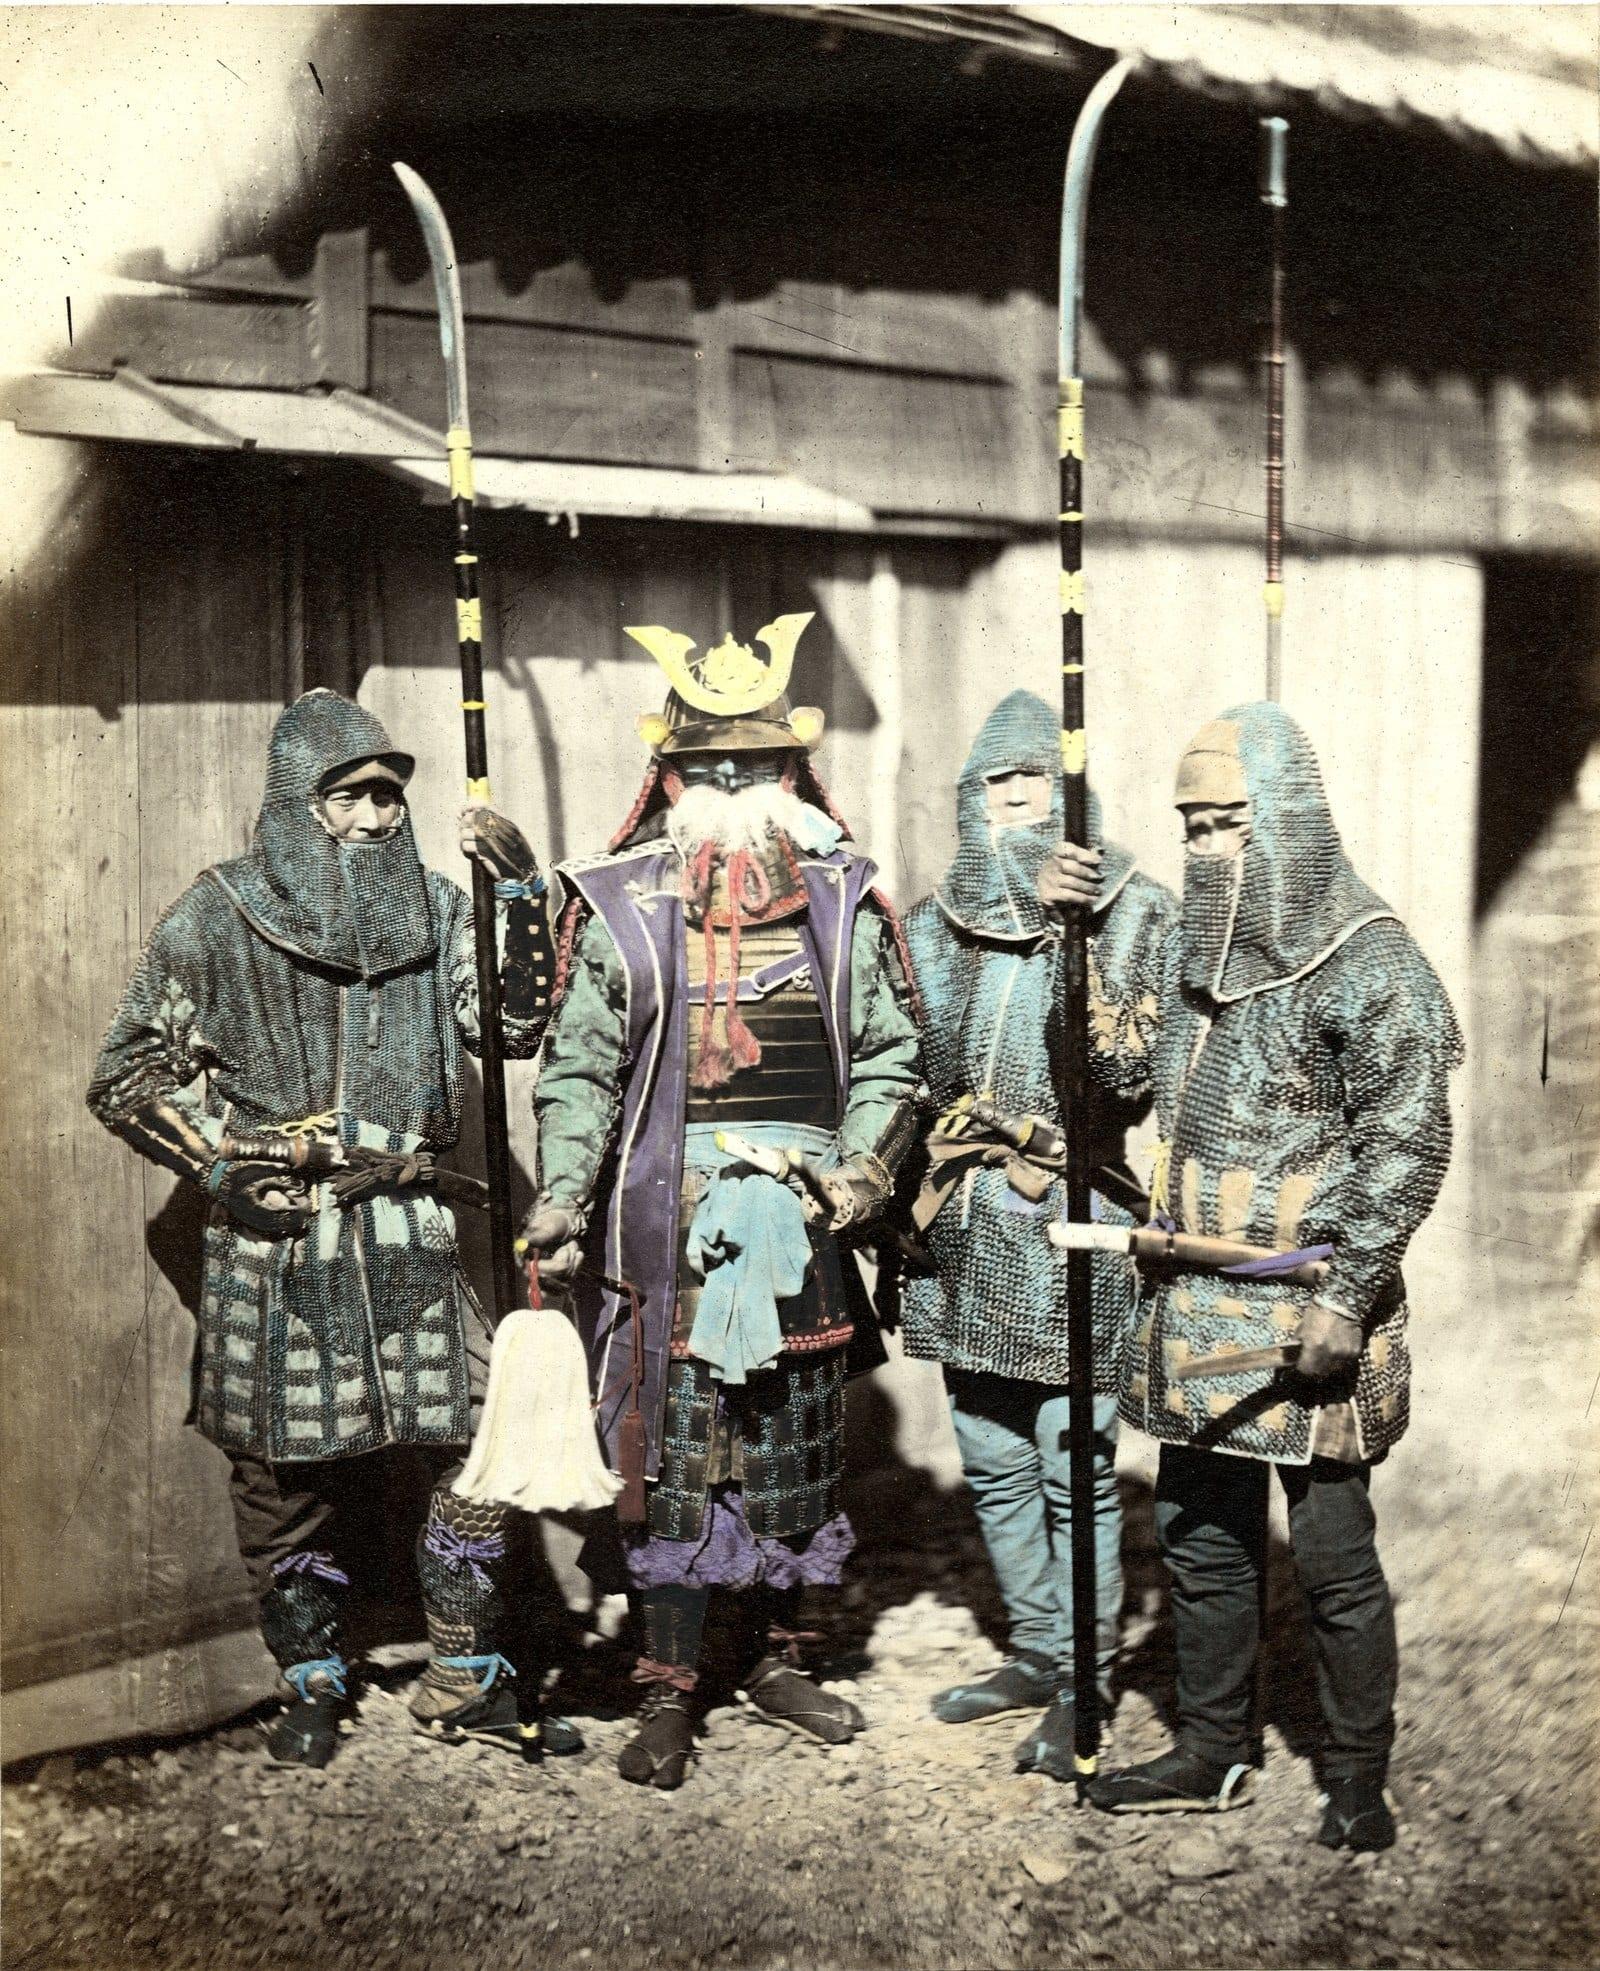 Ảnh hiếm về những huyền thoại Samurai cuối cùng của Nhật Bản